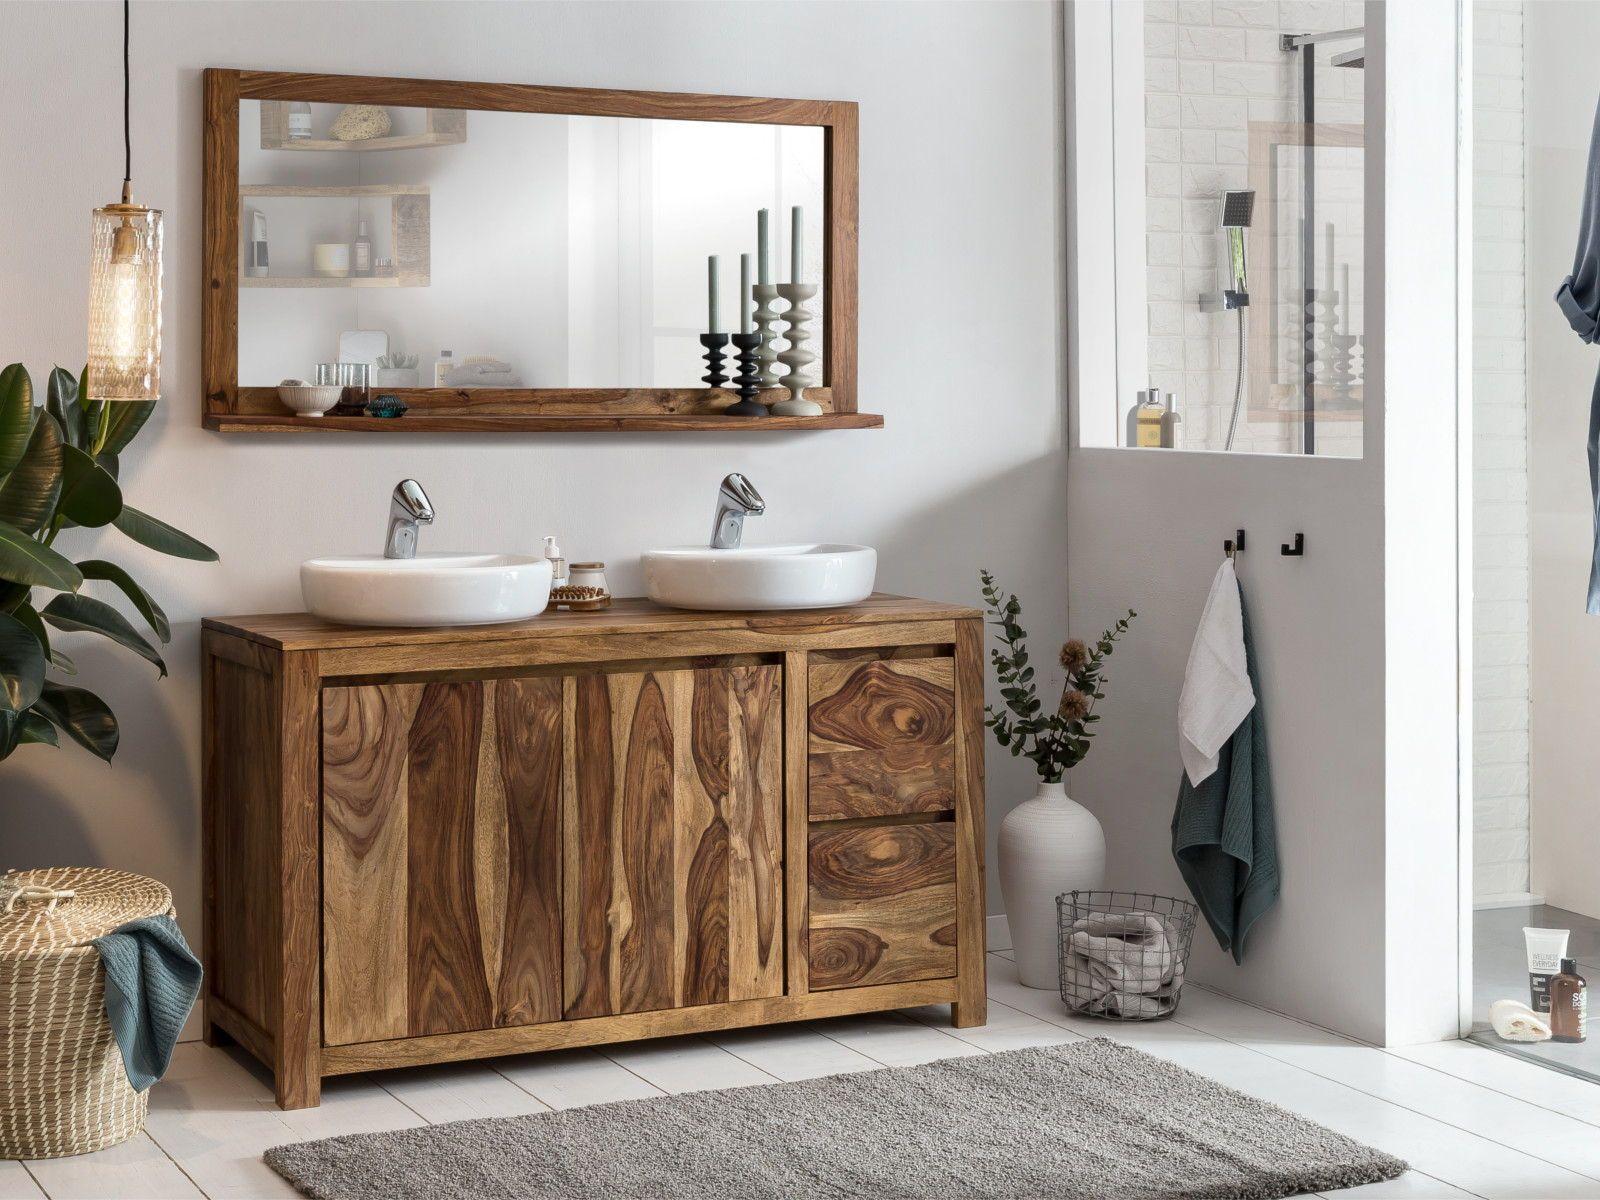 Waschtisch Leeston Waschtisch Schubladen Regal Holz